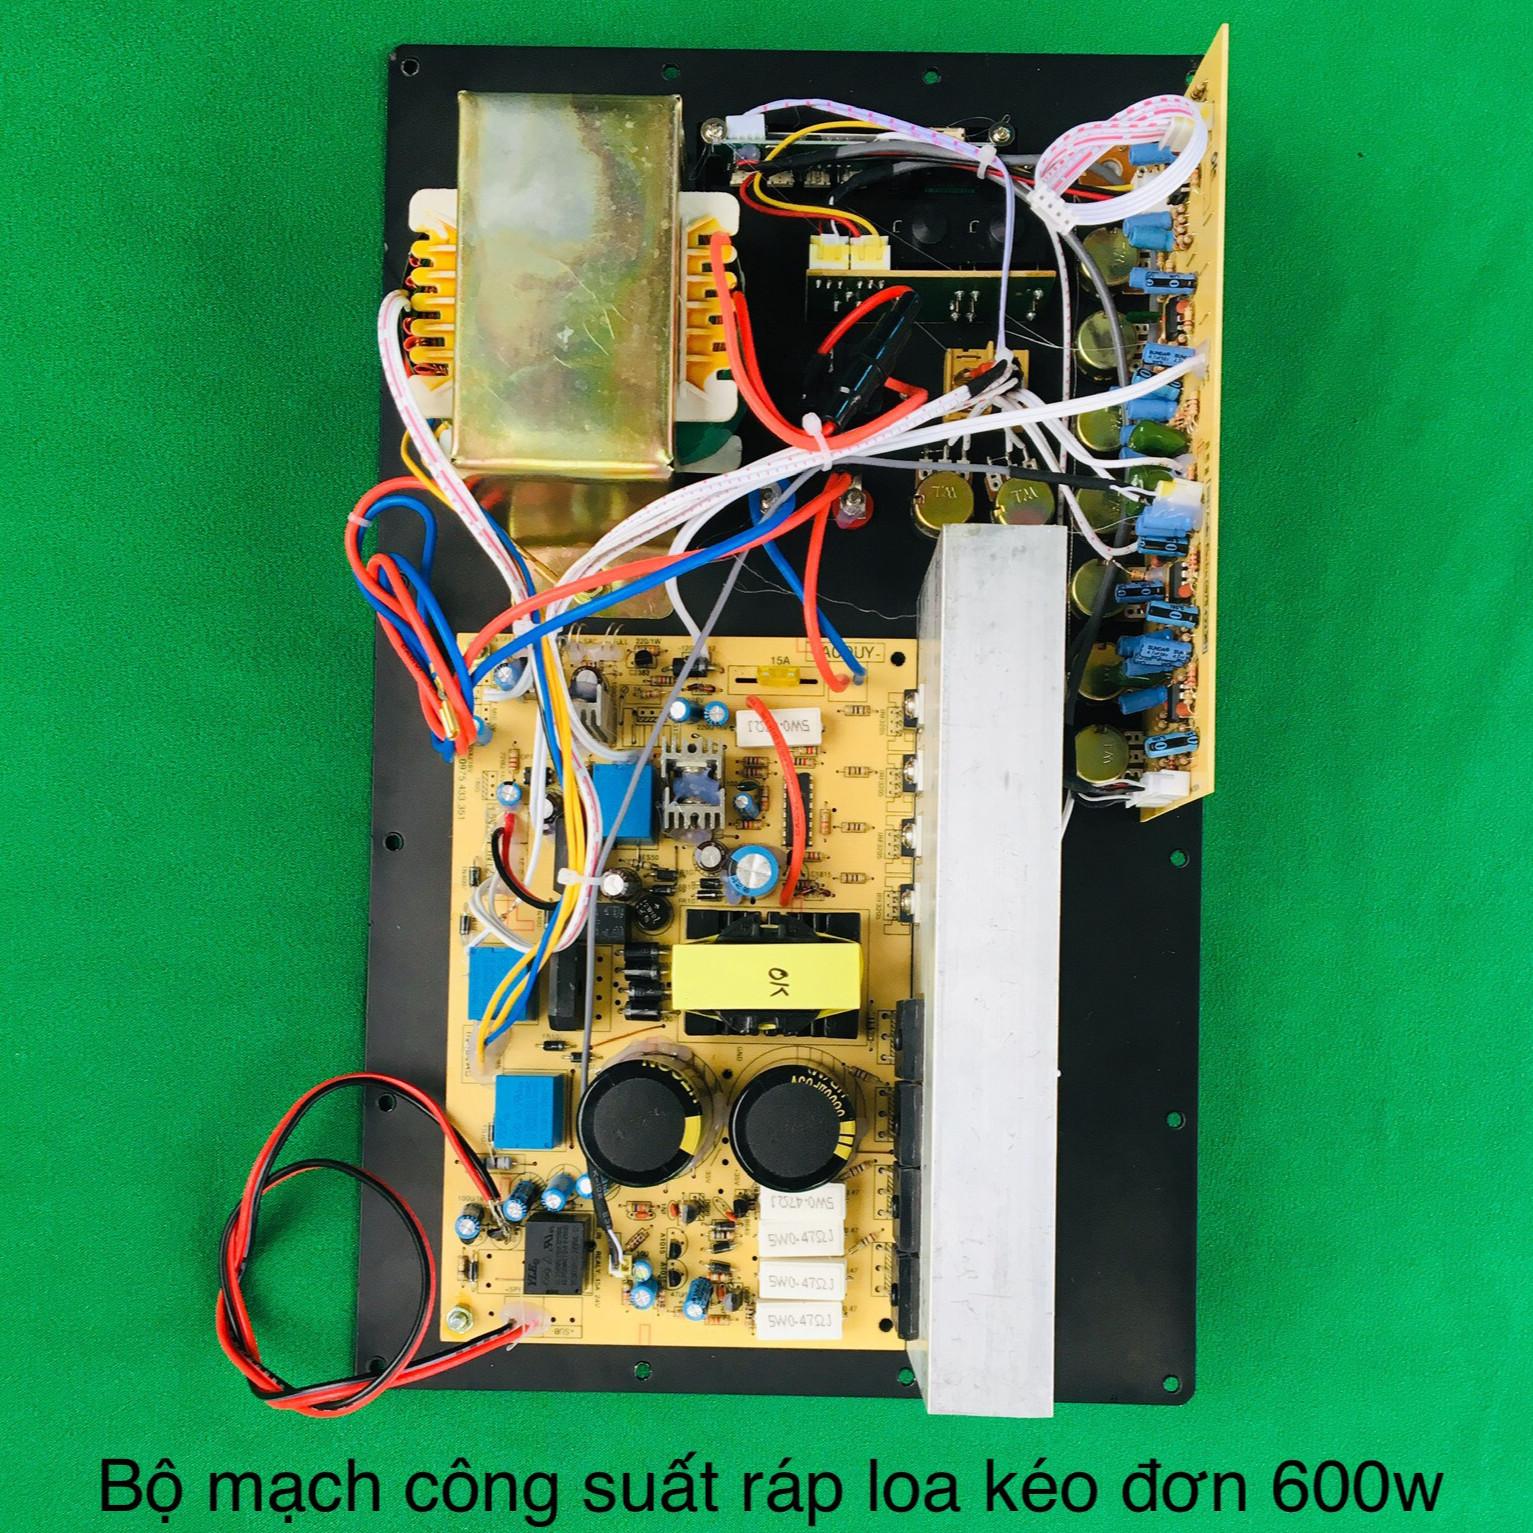 Combo loa kéo 40 đơn - công suất 600w